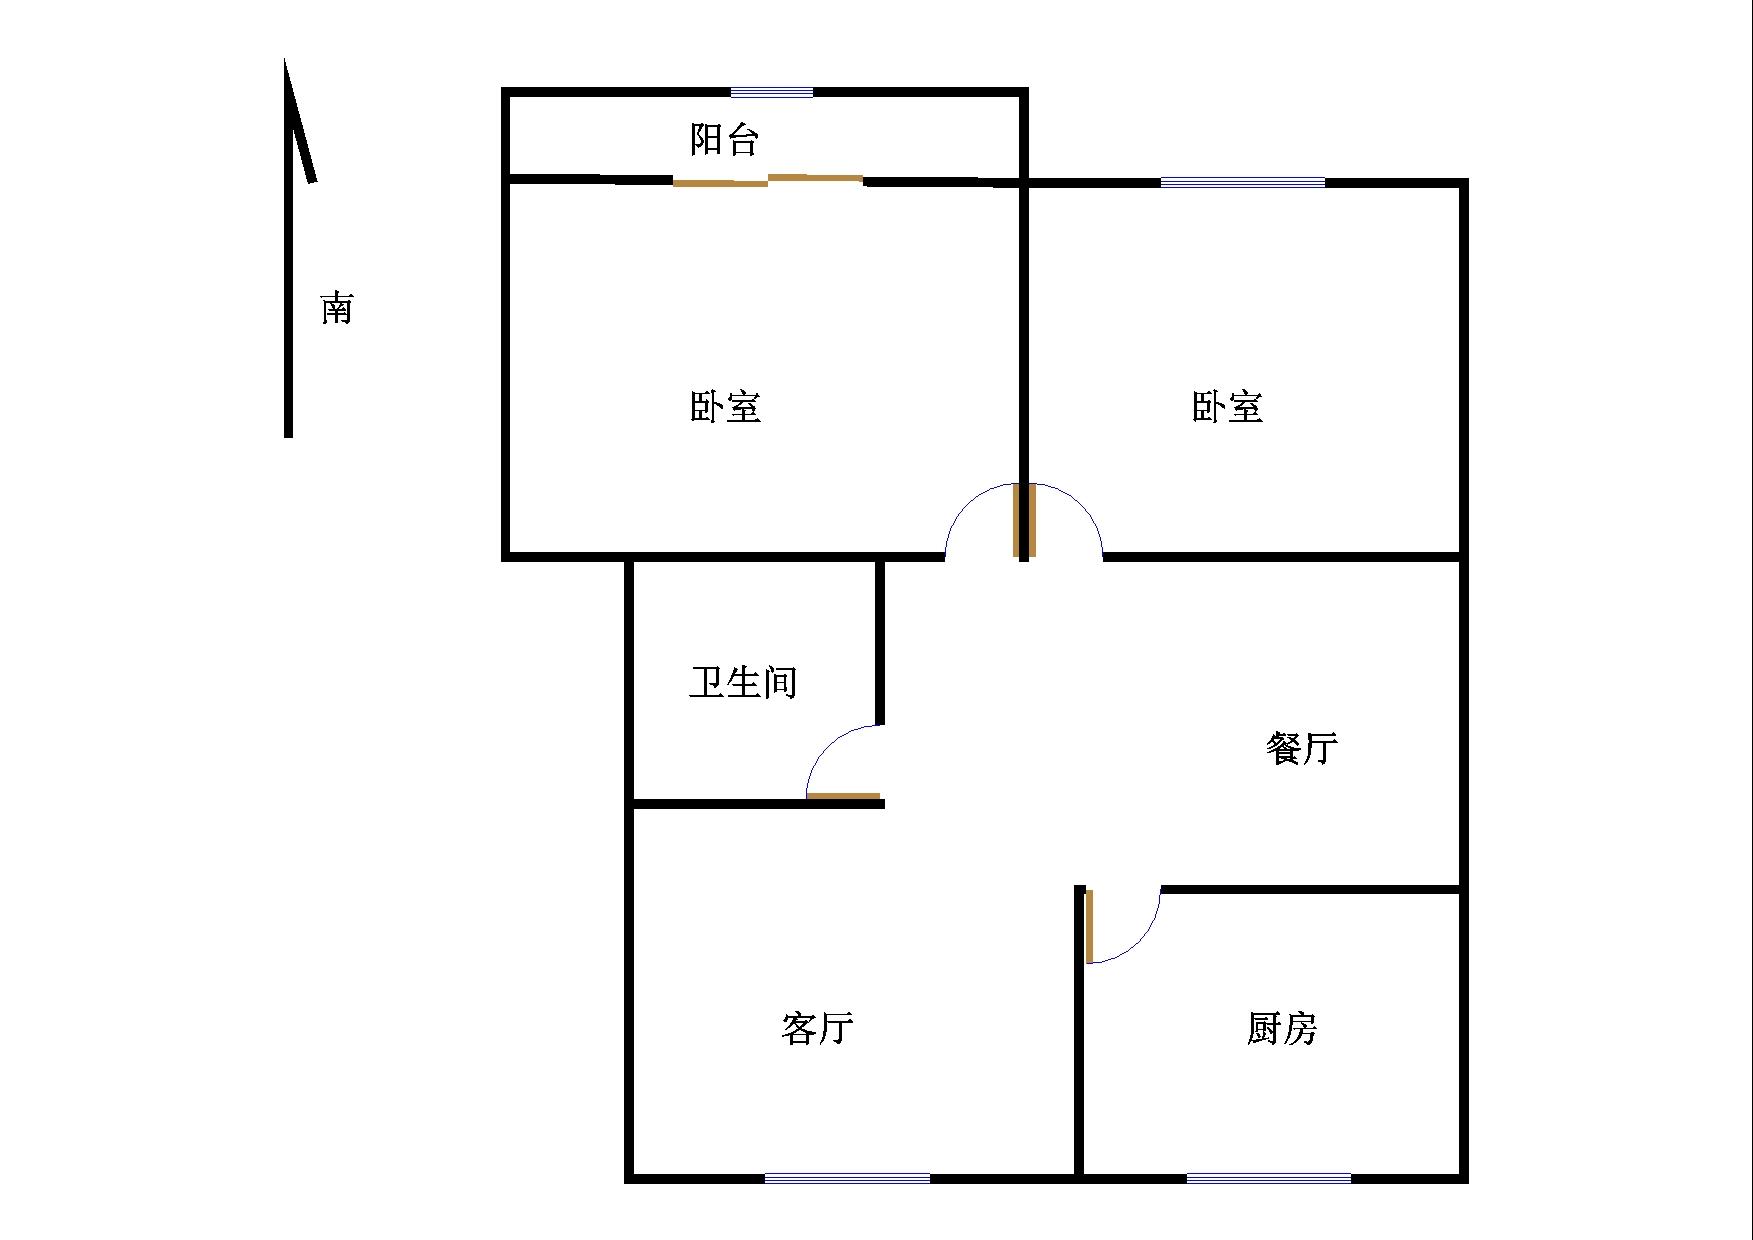 刘集社区 2室2厅 2楼